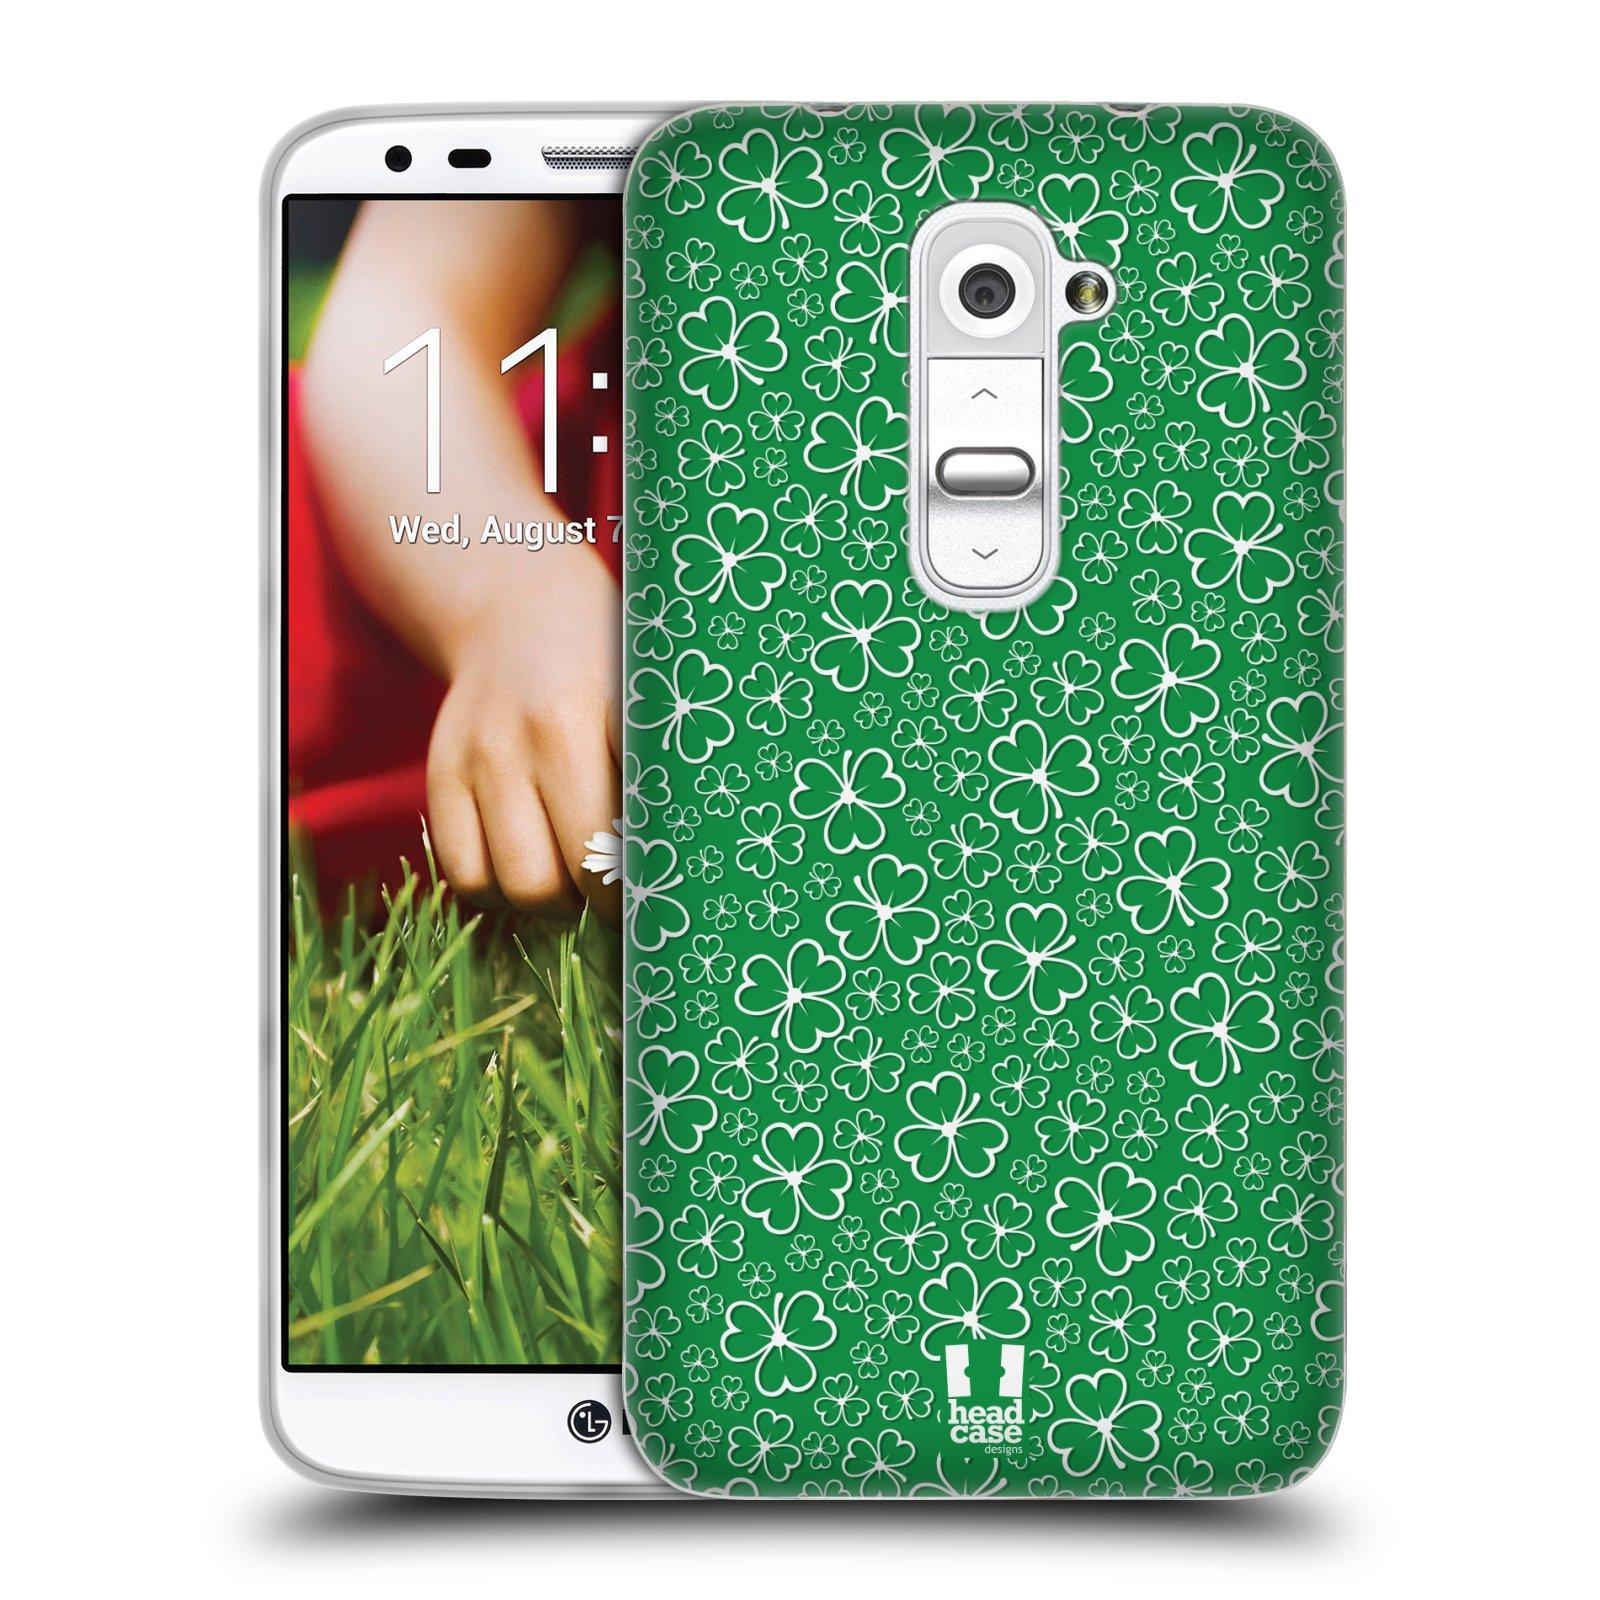 HEAD CASE silikonový obal na mobil LG G2 vzor Kreslený čyřlístek zelená HROMADA